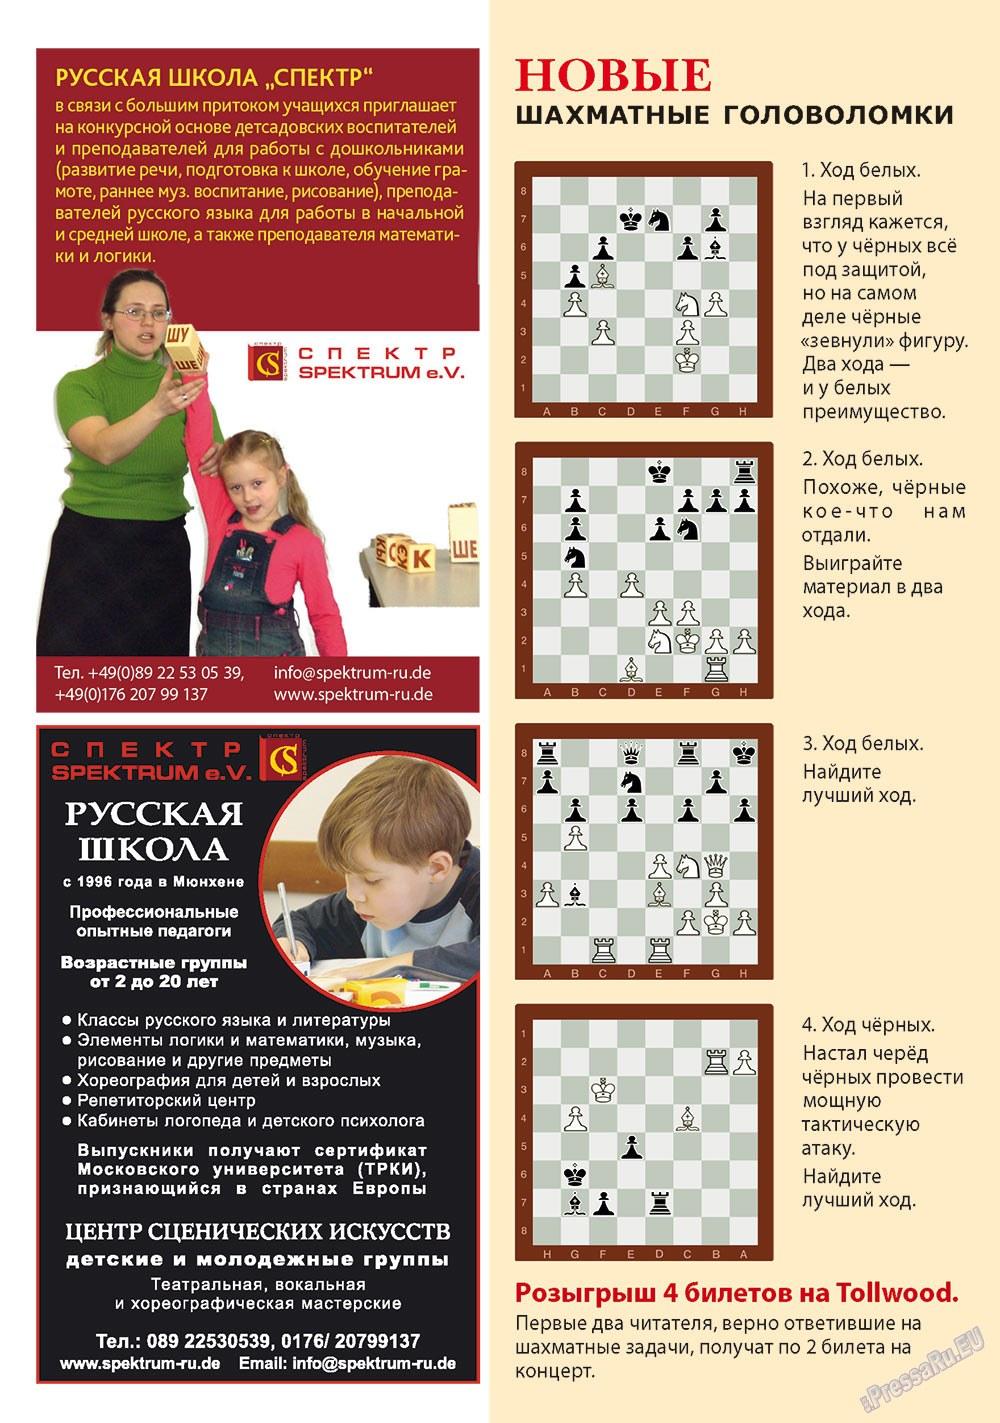 Апельсин (журнал). 2011 год, номер 24, стр. 44